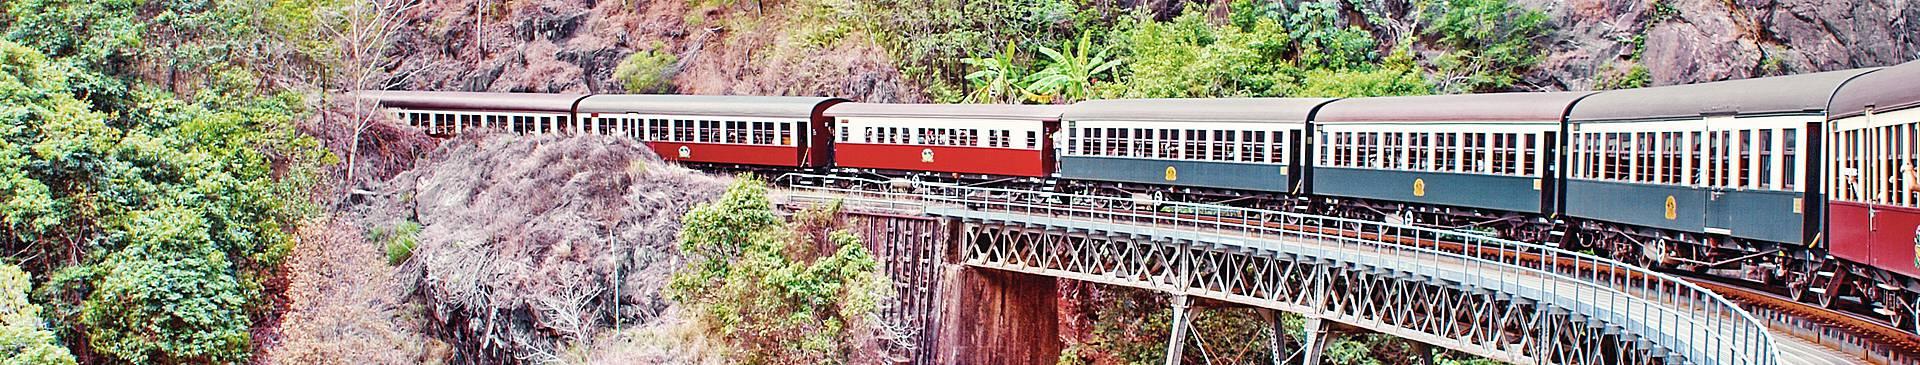 Train travel Australia